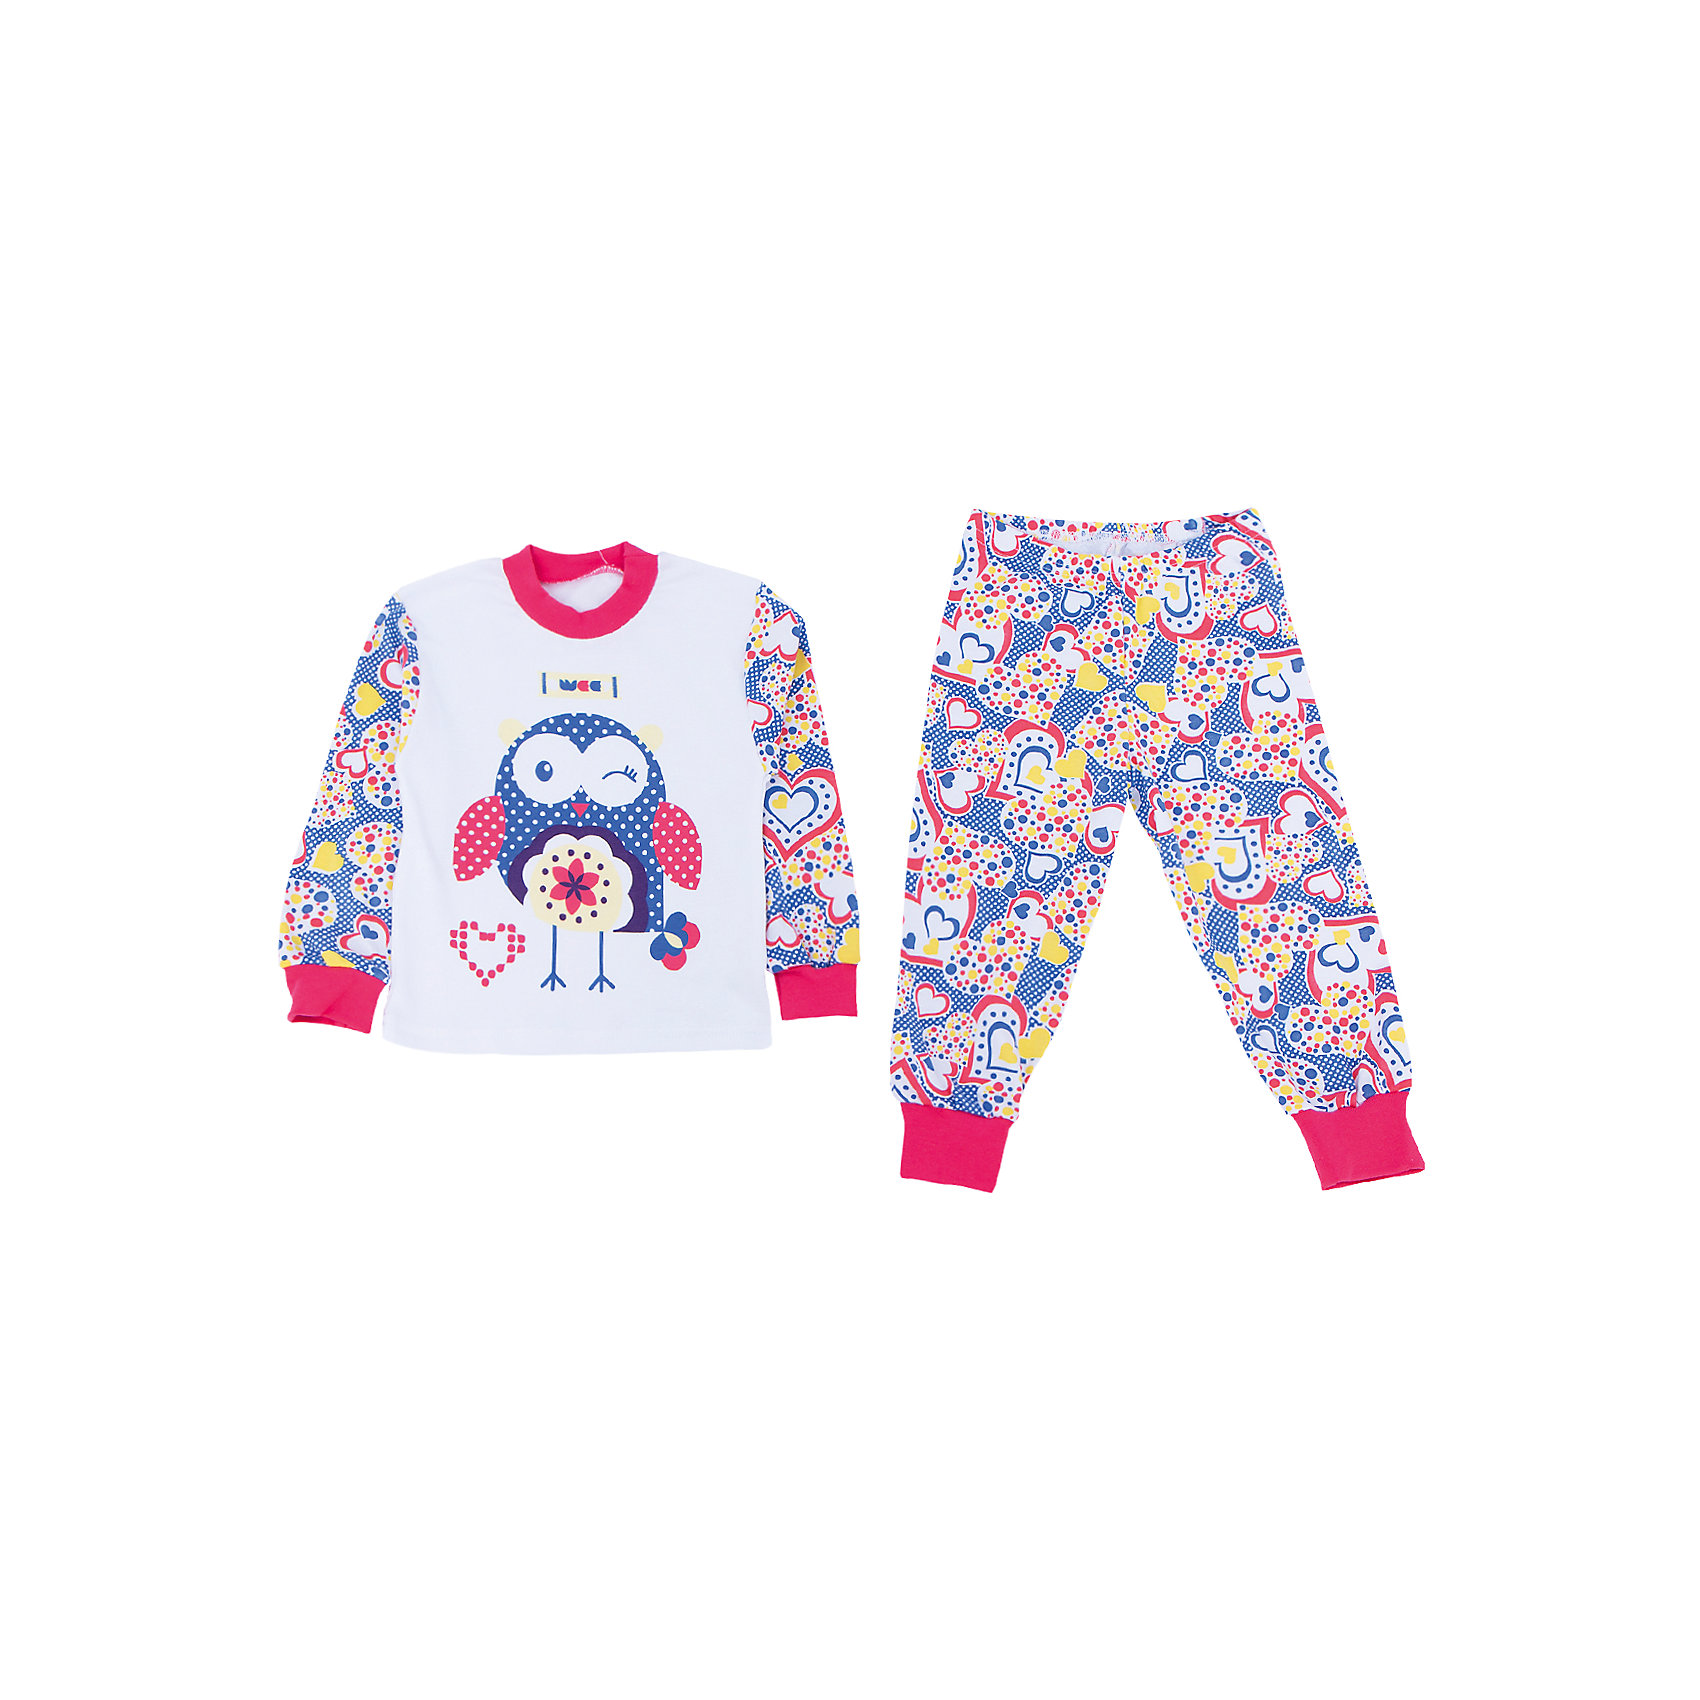 Пижама для девочки АпрельПижамы и сорочки<br>Пижама Апрель.<br><br>Характеристики:<br>• материал: хлопок<br>• цвет: синий<br><br>Яркая пижама от популярной марки Апрель выполнена из мягкого хлопка, приятного телу, что ребенок сможет оценить во время сна. Манжеты не позволят холодному воздуху проникнуть под одежду. Модель украшена ярким рисунком с сердечками и совой. В такой пижаме ваш ребенок увидит самые приятные и яркие сны!<br><br>Купить пижаму Апрель можно в нашем интернет-магазине.<br><br>Ширина мм: 281<br>Глубина мм: 70<br>Высота мм: 188<br>Вес г: 295<br>Цвет: белый/синий<br>Возраст от месяцев: 60<br>Возраст до месяцев: 72<br>Пол: Женский<br>Возраст: Детский<br>Размер: 116,92,98,104,110<br>SKU: 4936895